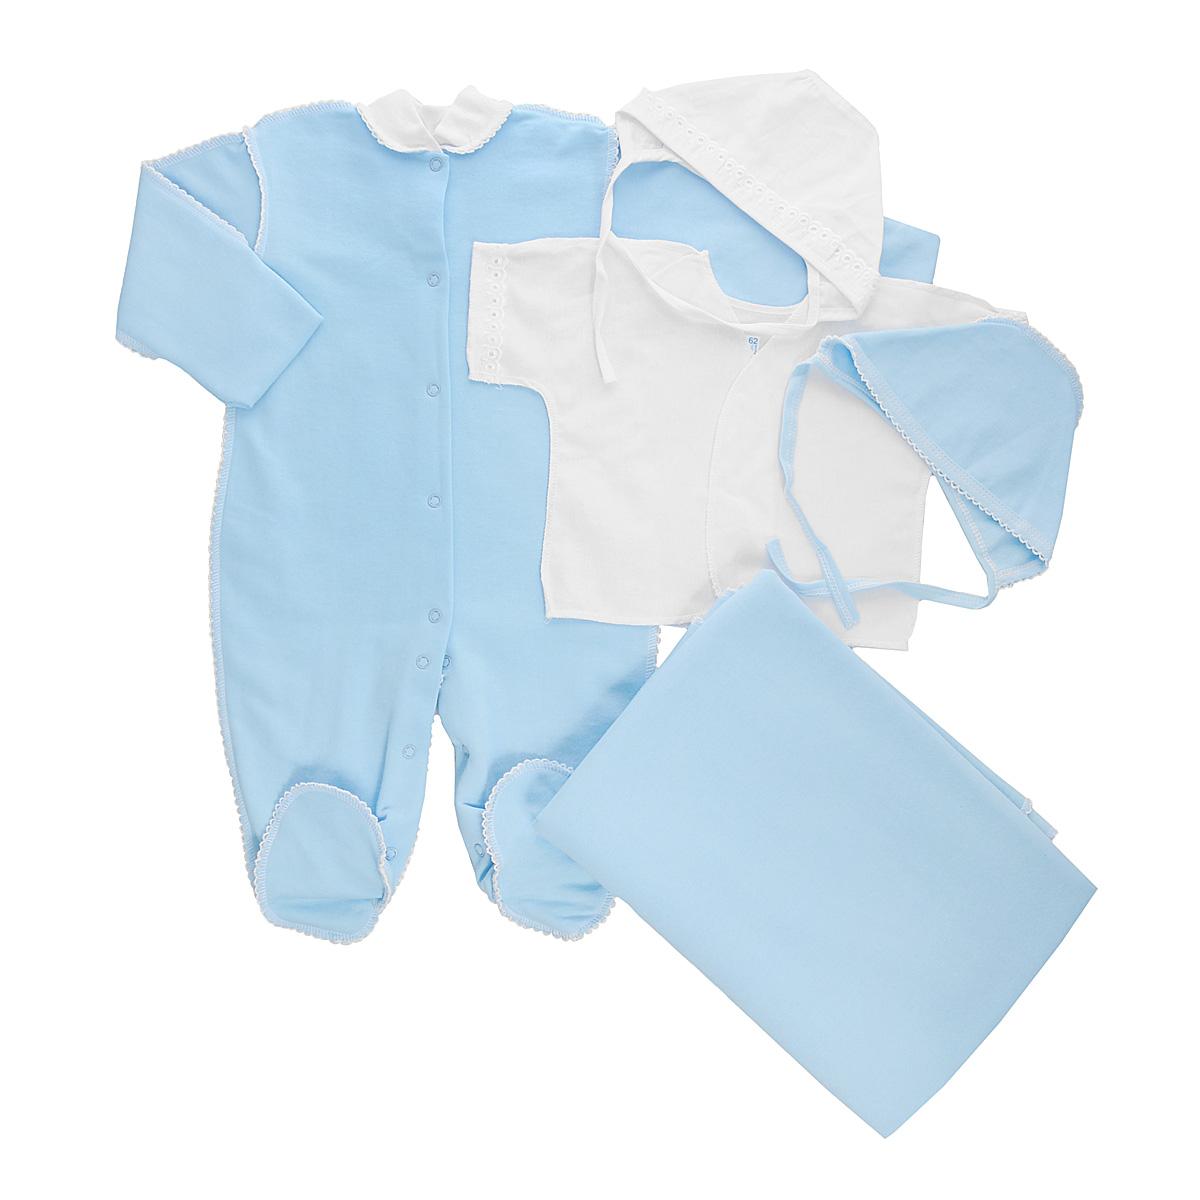 Комплект одежды3474Комплект для новорожденного Трон-плюс - это замечательный подарок, который прекрасно подойдет для первых дней жизни малыша. Комплект состоит из комбинезона, распашонки, двух чепчиков и пеленки. Комплект изготовлен из натурального хлопка, благодаря чему он необычайно мягкий и приятный на ощупь, не сковывает движения младенца и позволяет коже дышать, не раздражает даже самую нежную и чувствительную кожу ребенка, обеспечивая ему наибольший комфорт. Легкая распашонка с короткими рукавами выполнена швами наружу. Рукава декорированы ажурными рюшами. Теплый комбинезон с небольшим воротничком-стойкой, длинными рукавами и закрытыми ножками идеально подойдет вашему ребенку, обеспечивая ему наибольший комфорт. Комбинезон застегивает на кнопочки по всей длине и на ластовице, что помогает с легкостью переодеть ребенка или сметить подгузник. Рукавички обеспечат вашему малышу комфорт во время сна и бодрствования, предохраняя нежную кожу новорожденного от расцарапывания. Комбинезон...